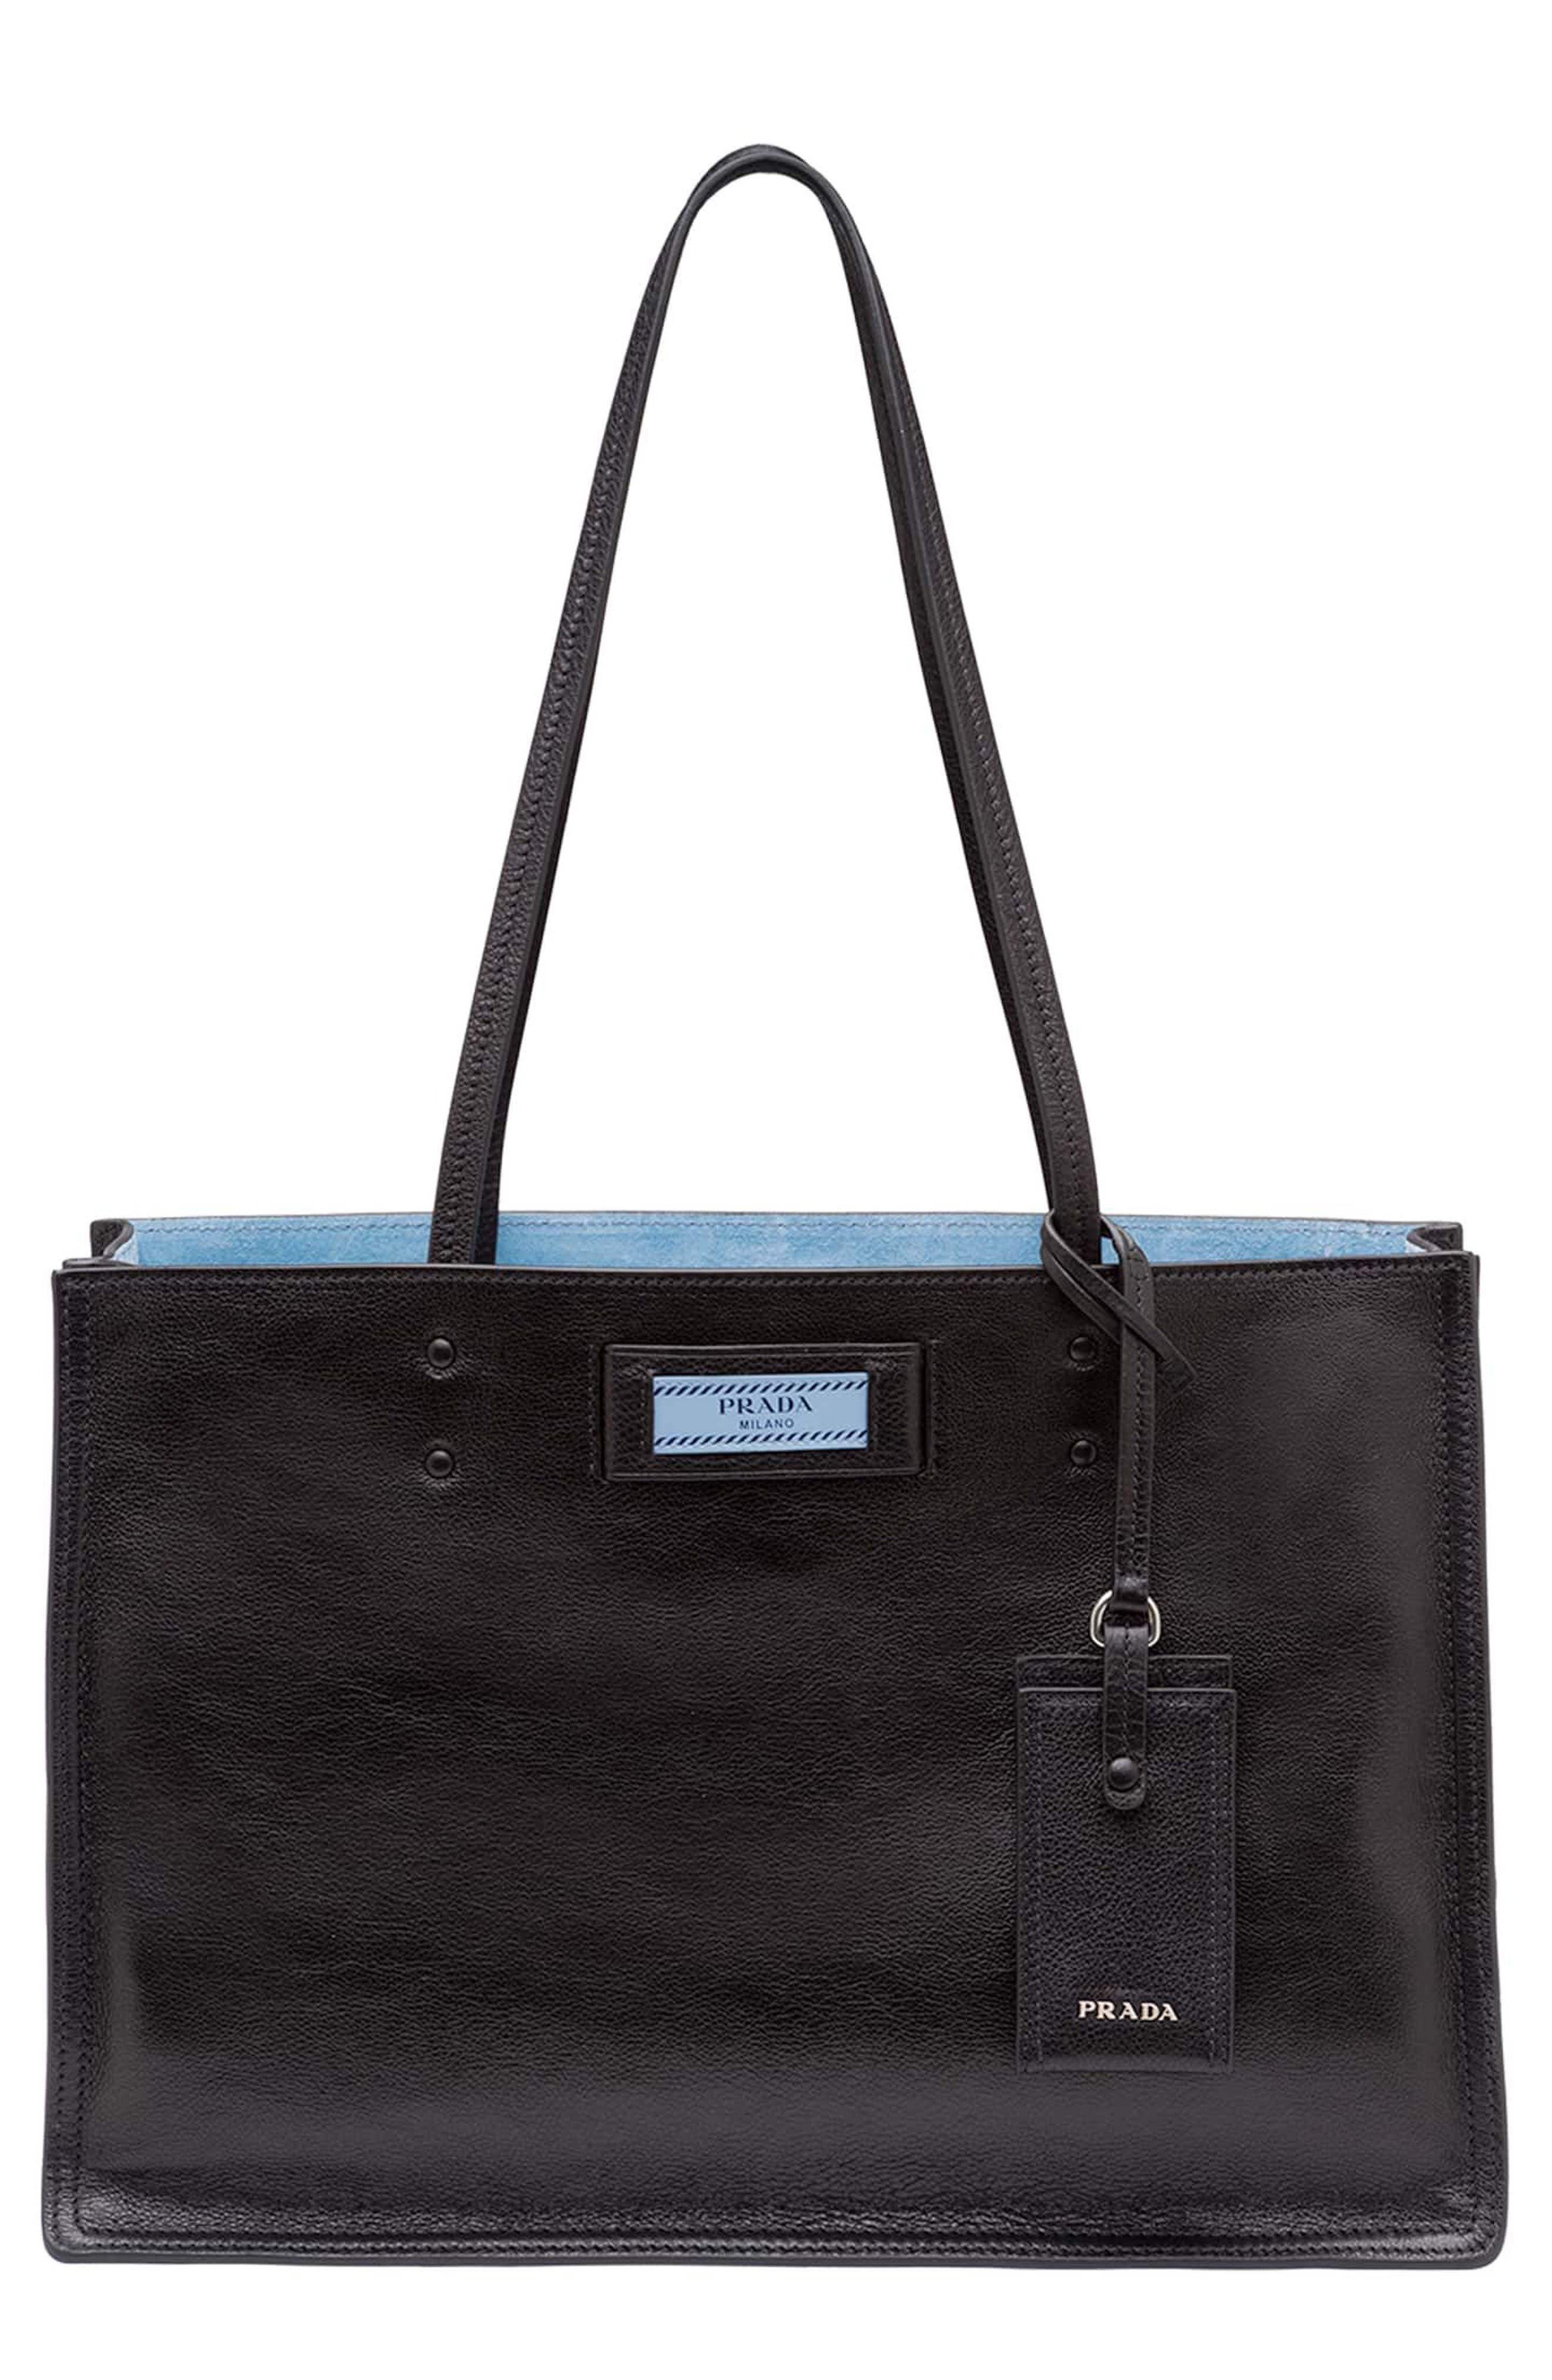 Prada Etiquette Calfskin Leather Tote